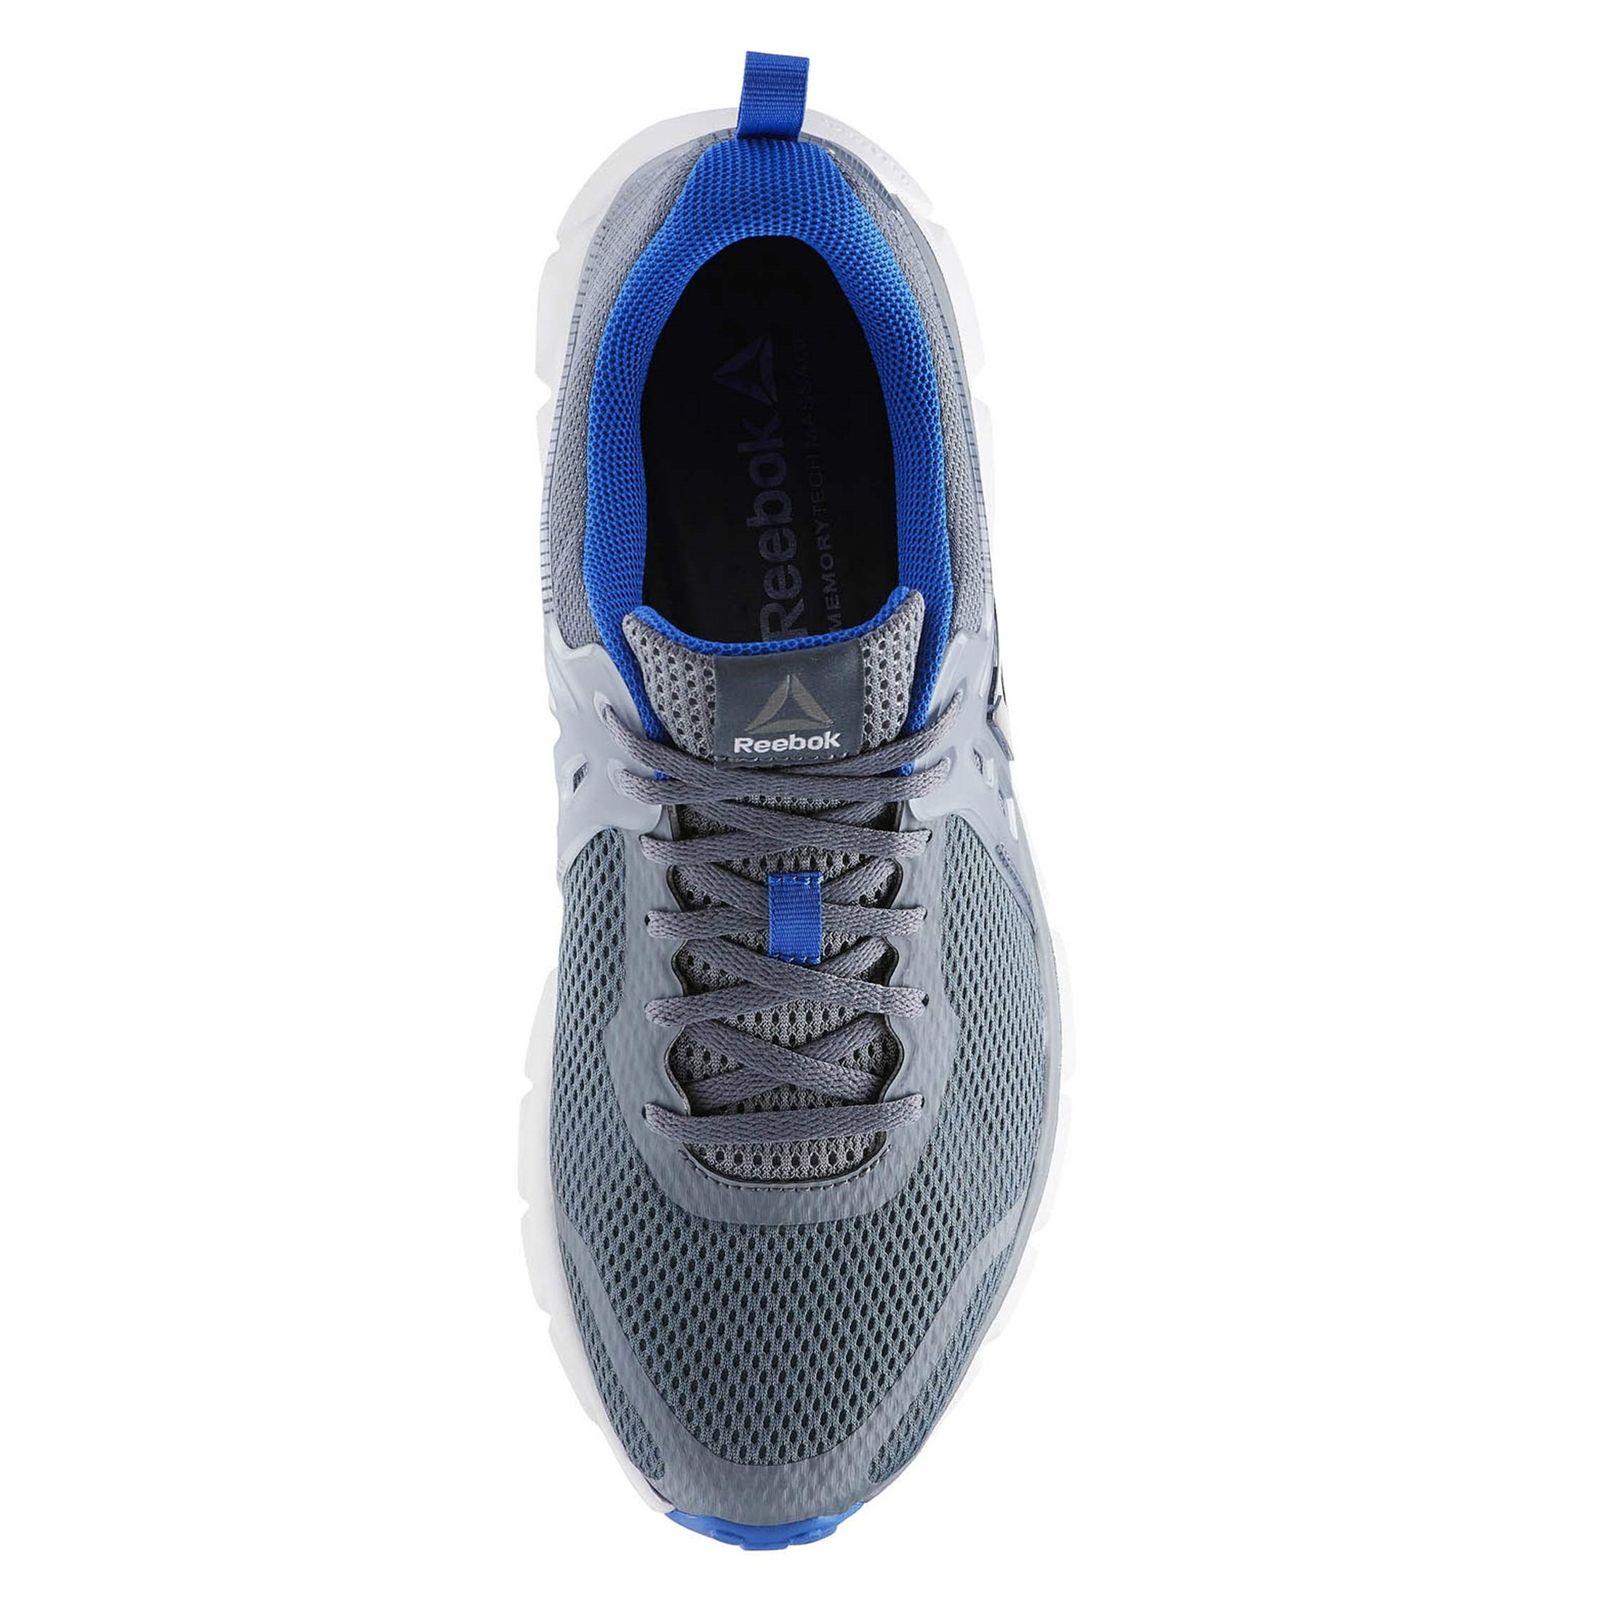 کفش دویدن بندی مردانه Hexaffect Run 5-0 Mtm - ریباک - طوسي - 5